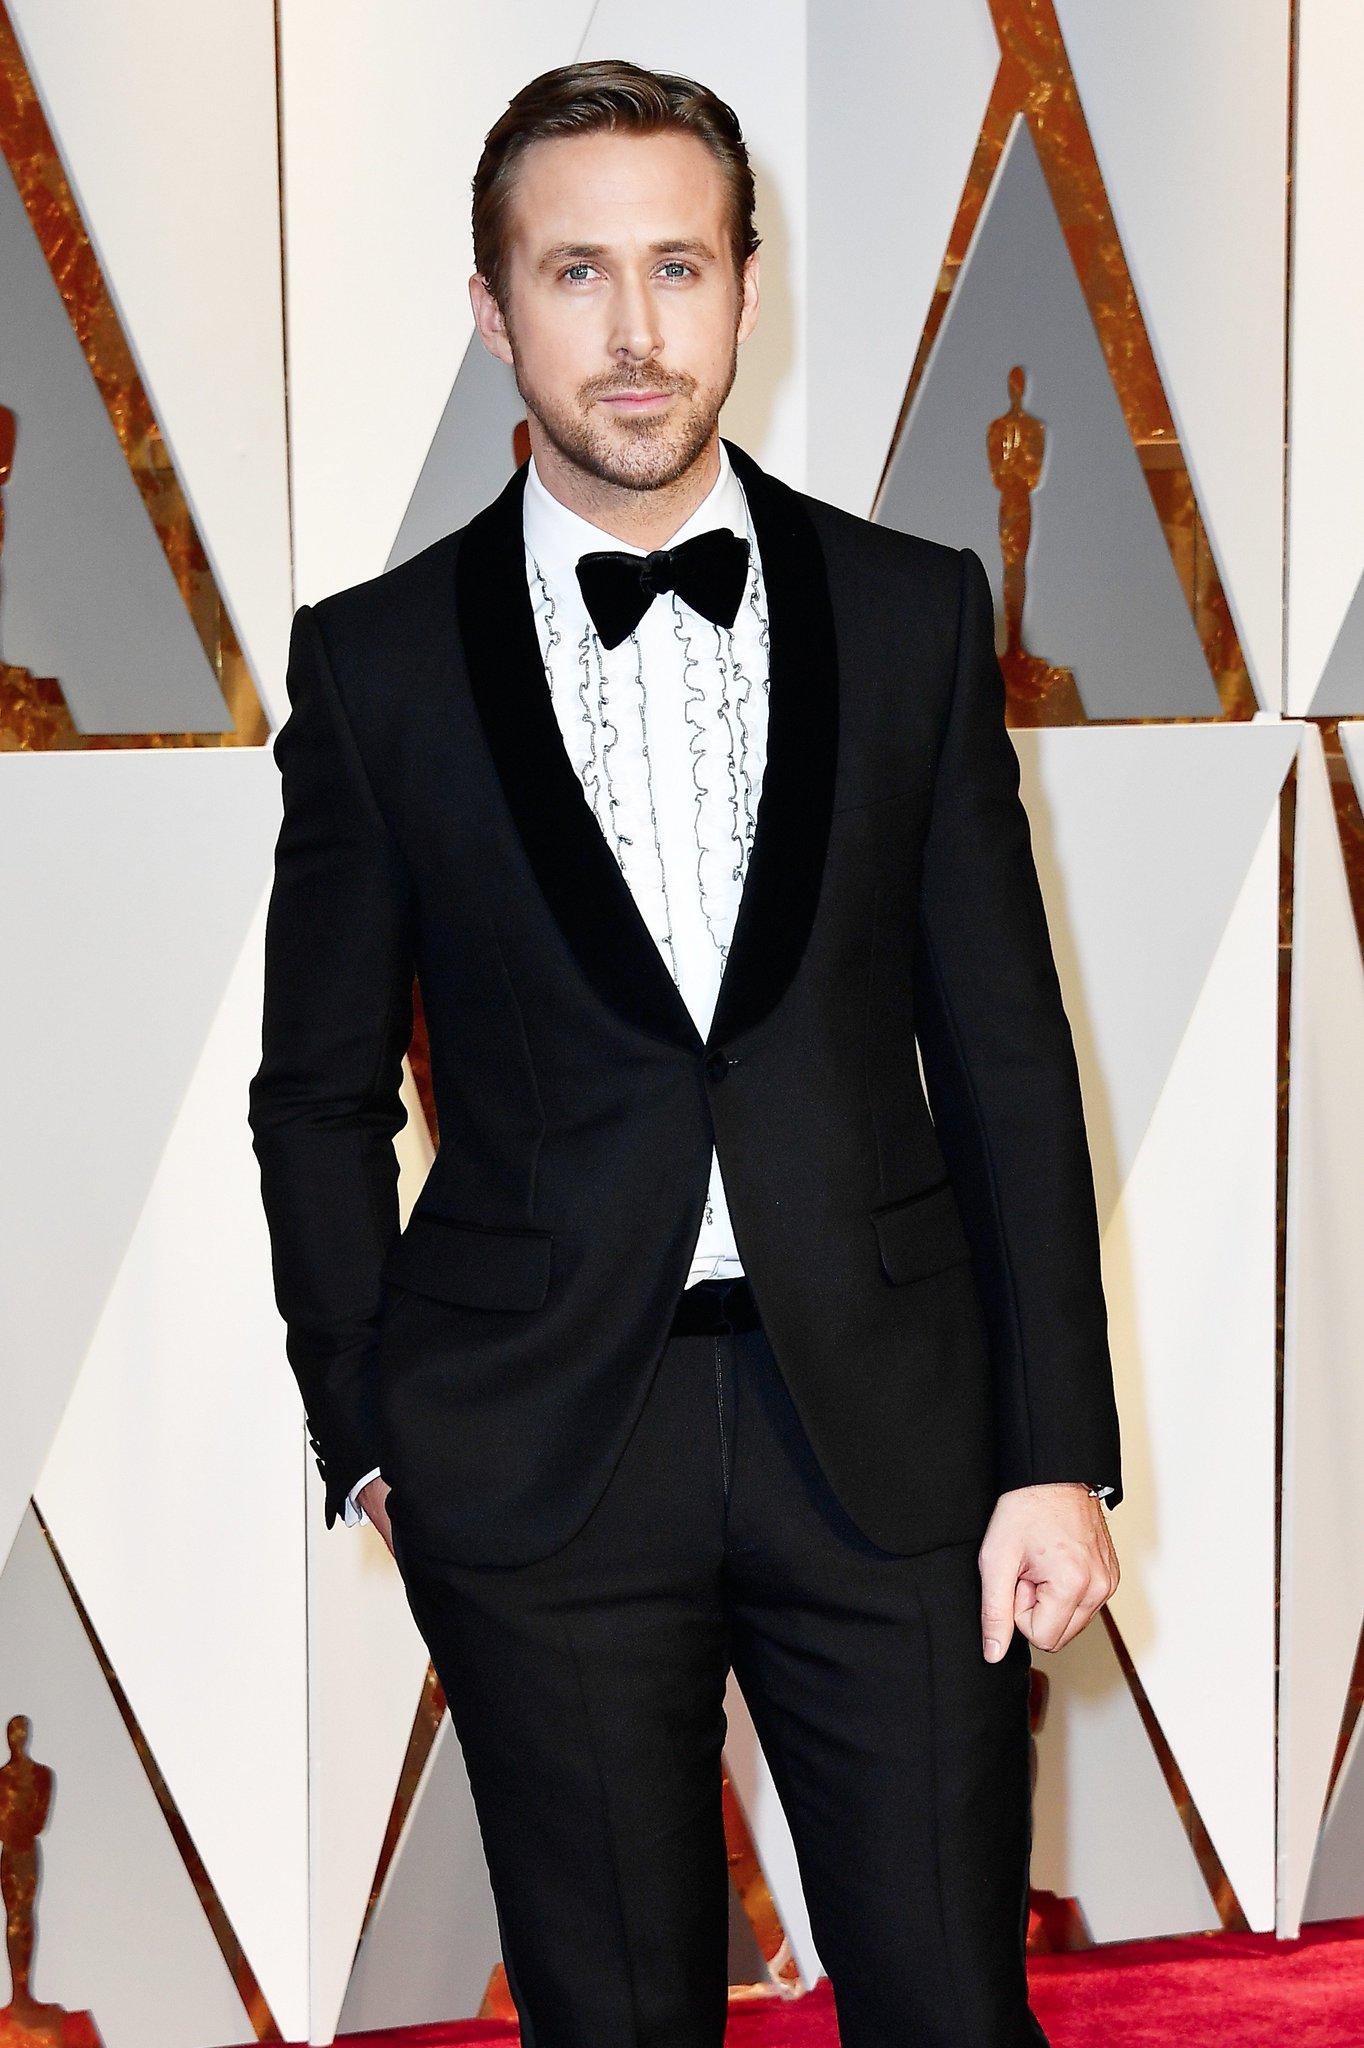 RT @extratv: RYAN GOSLING alert! Pics: https://t.co/6JV8mKvEzS #Oscars https://t.co/nrDpAFvNZd